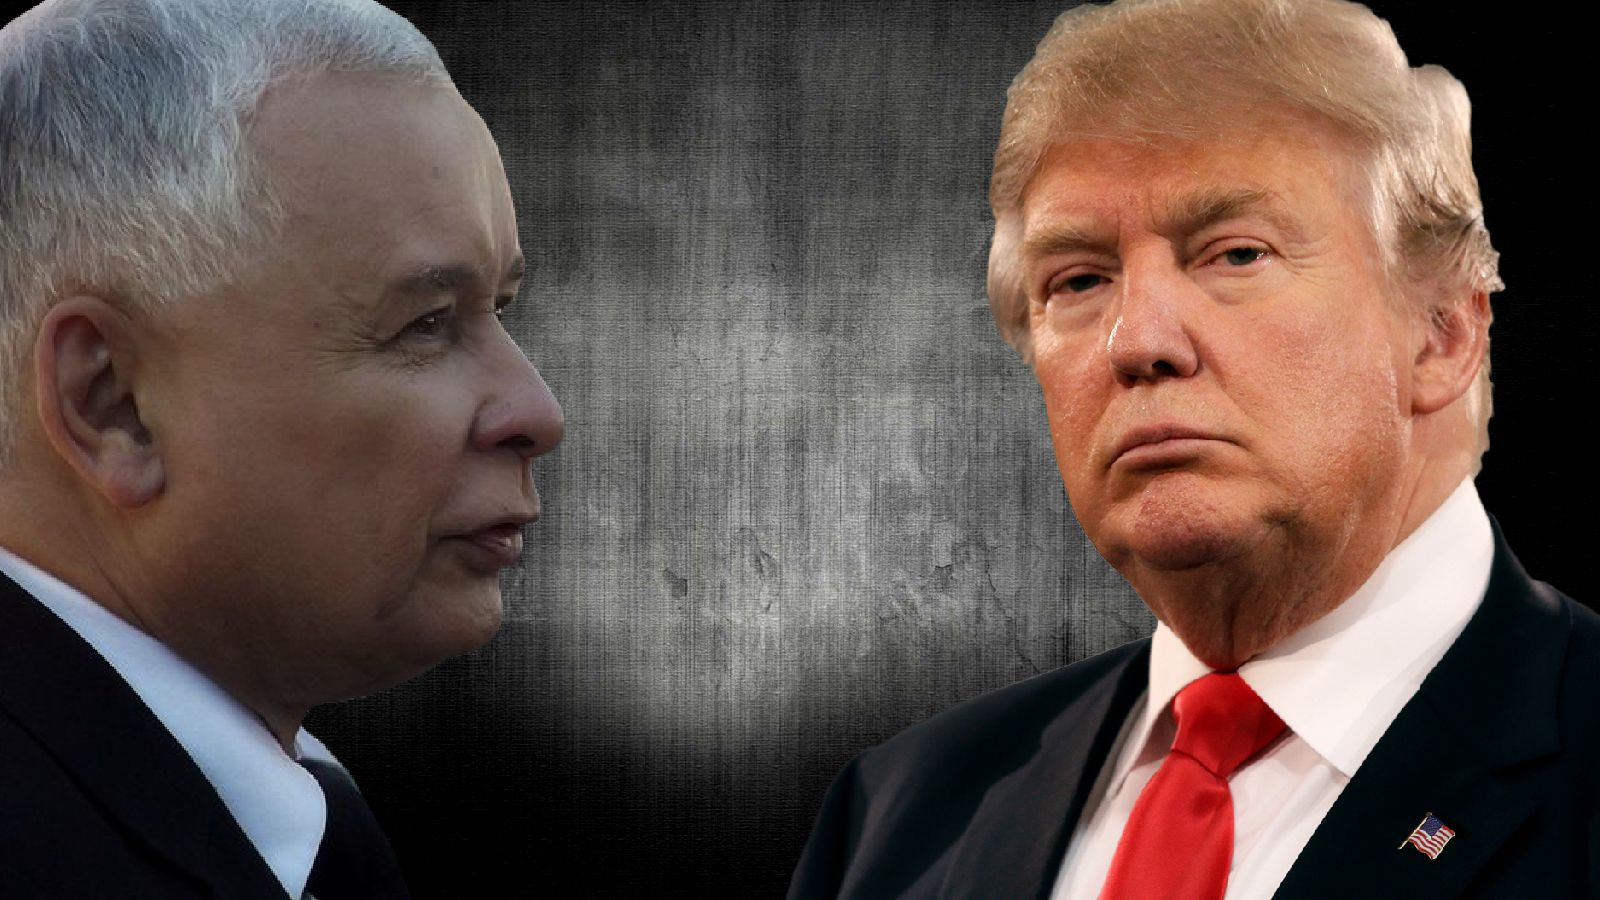 NIEWIARYGODNE! Trump to nowy WRÓG Kaczyńskiego